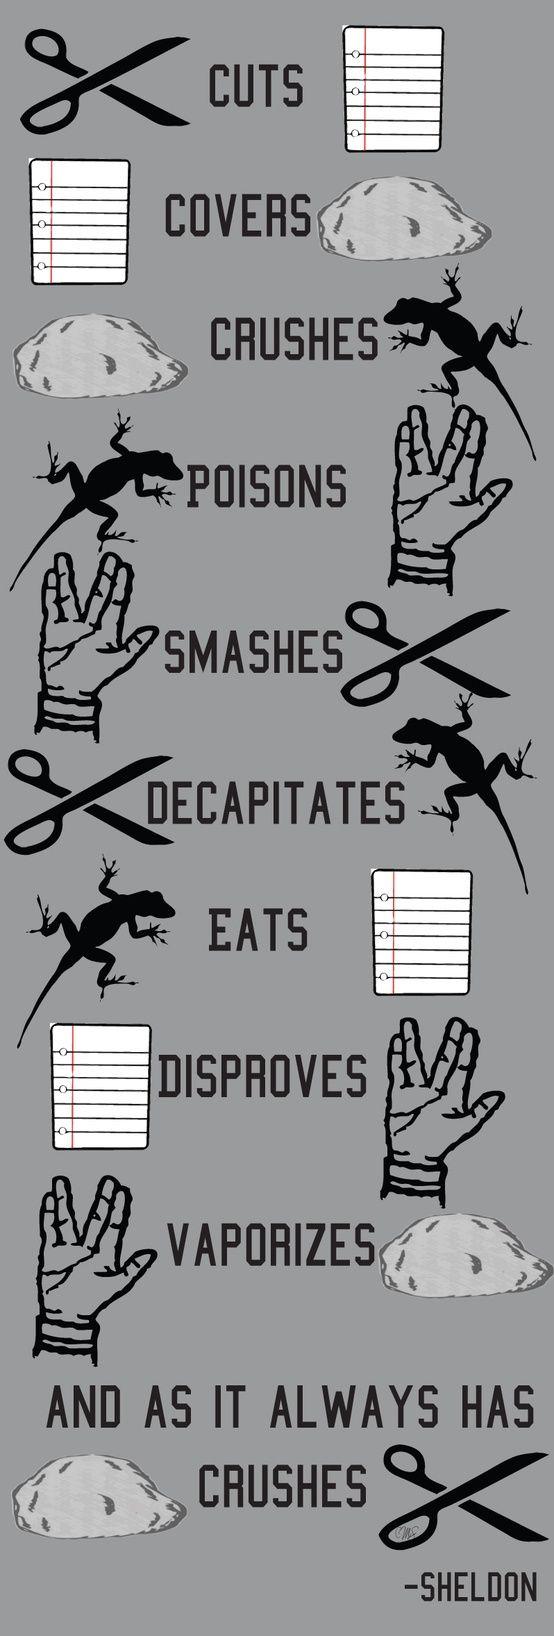 Paper, Rock, Scissors, Lizard, Spock